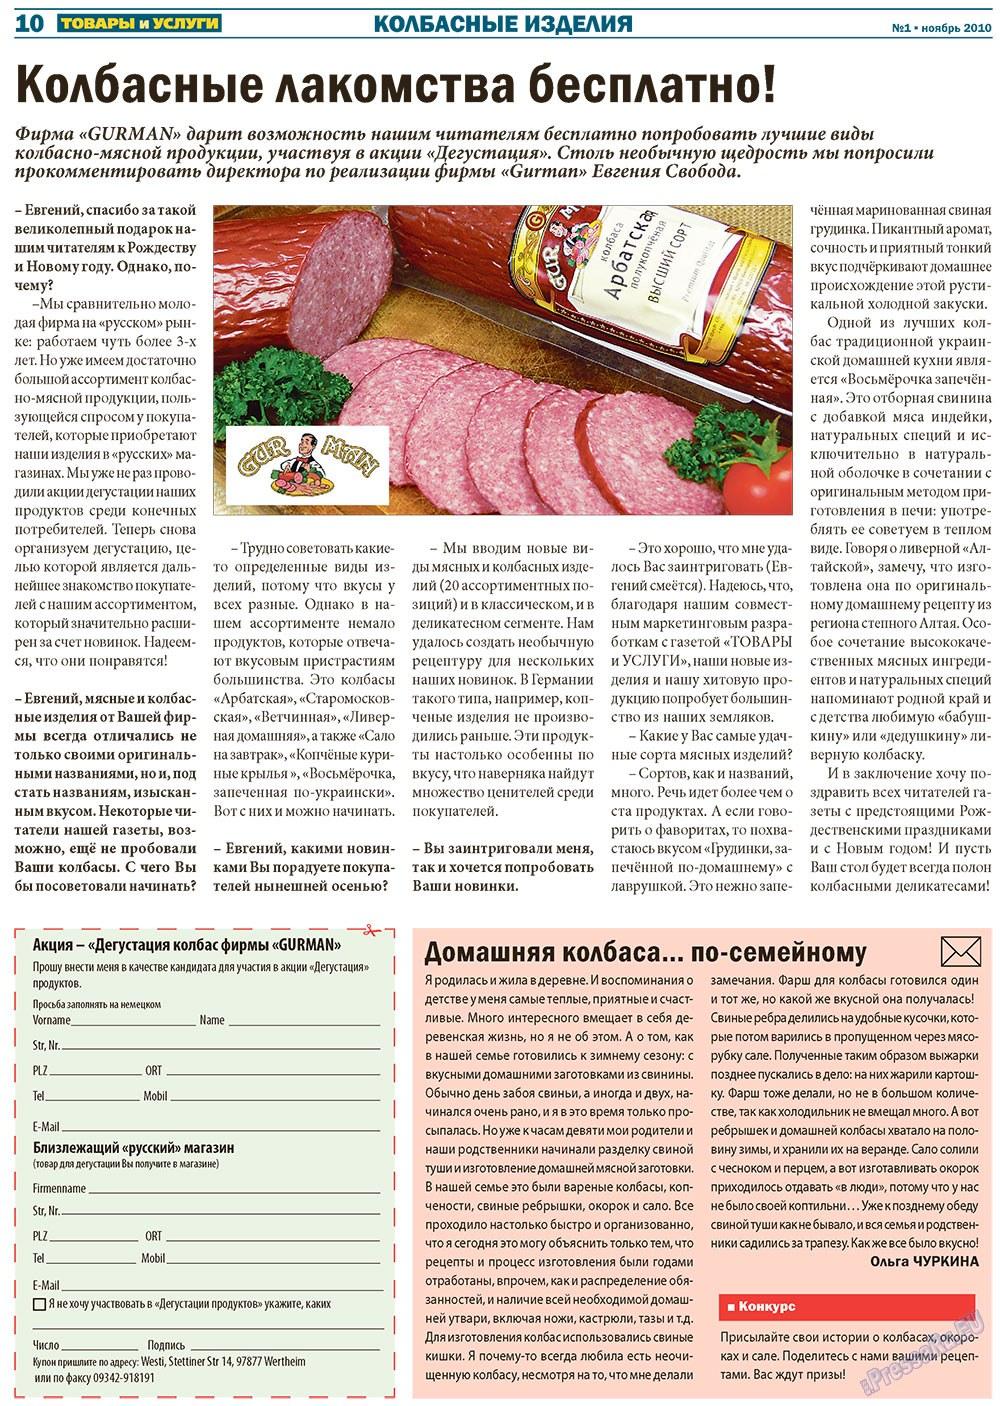 Товары и услуги (газета). 2010 год, номер 1, стр. 10